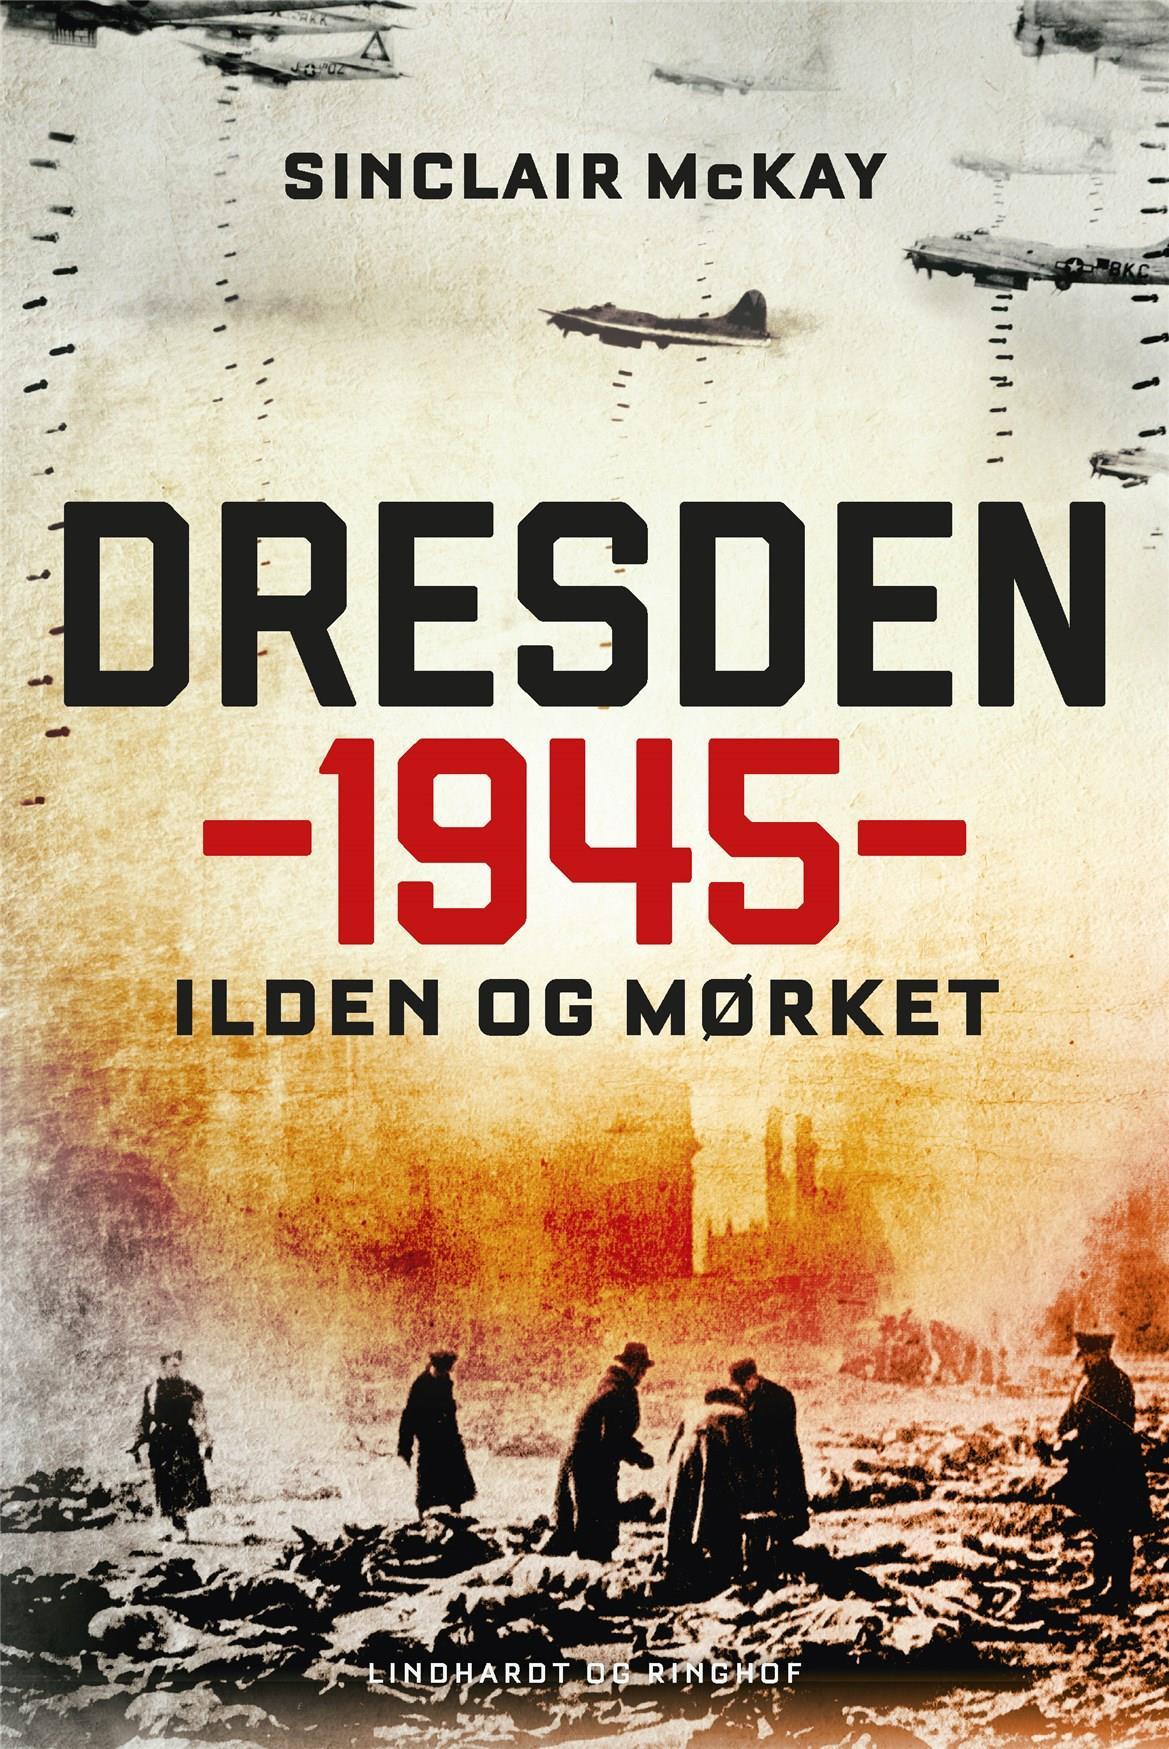 Dresden 1945 - Ilden og mørket - Sinclair McKay - Bøger - Lindhardt og Ringhof - 9788711911181 - 10/2-2020